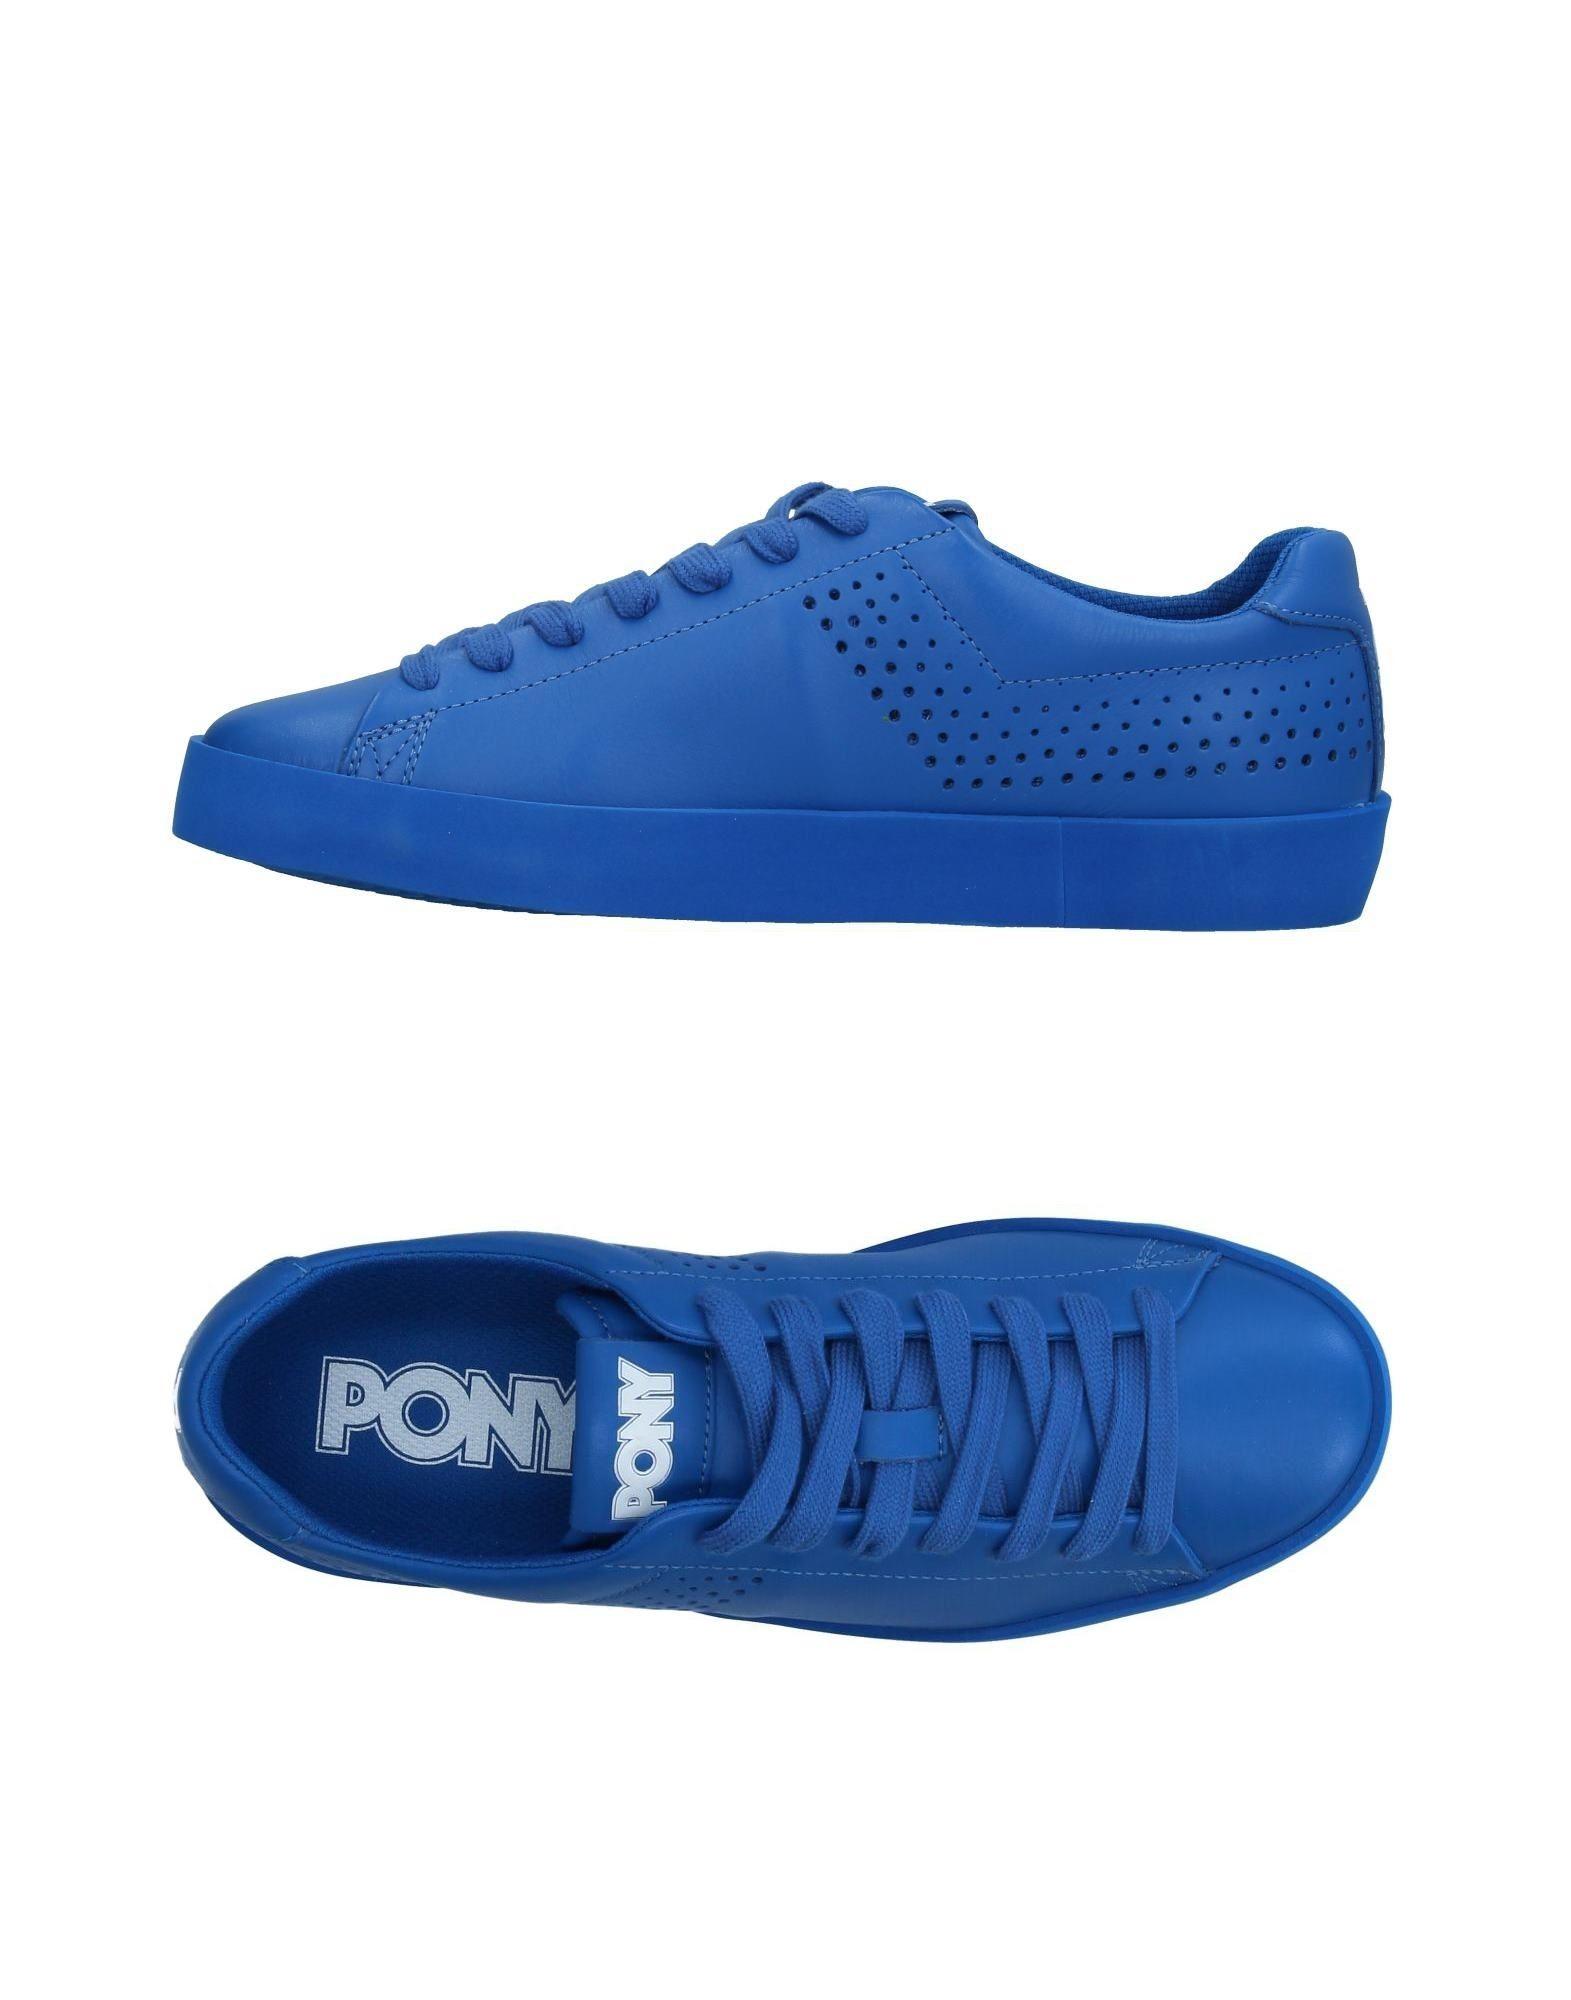 Sneakers Pony Homme - Sneakers Pony  Rouge Les chaussures les plus populaires pour les hommes et les femmes